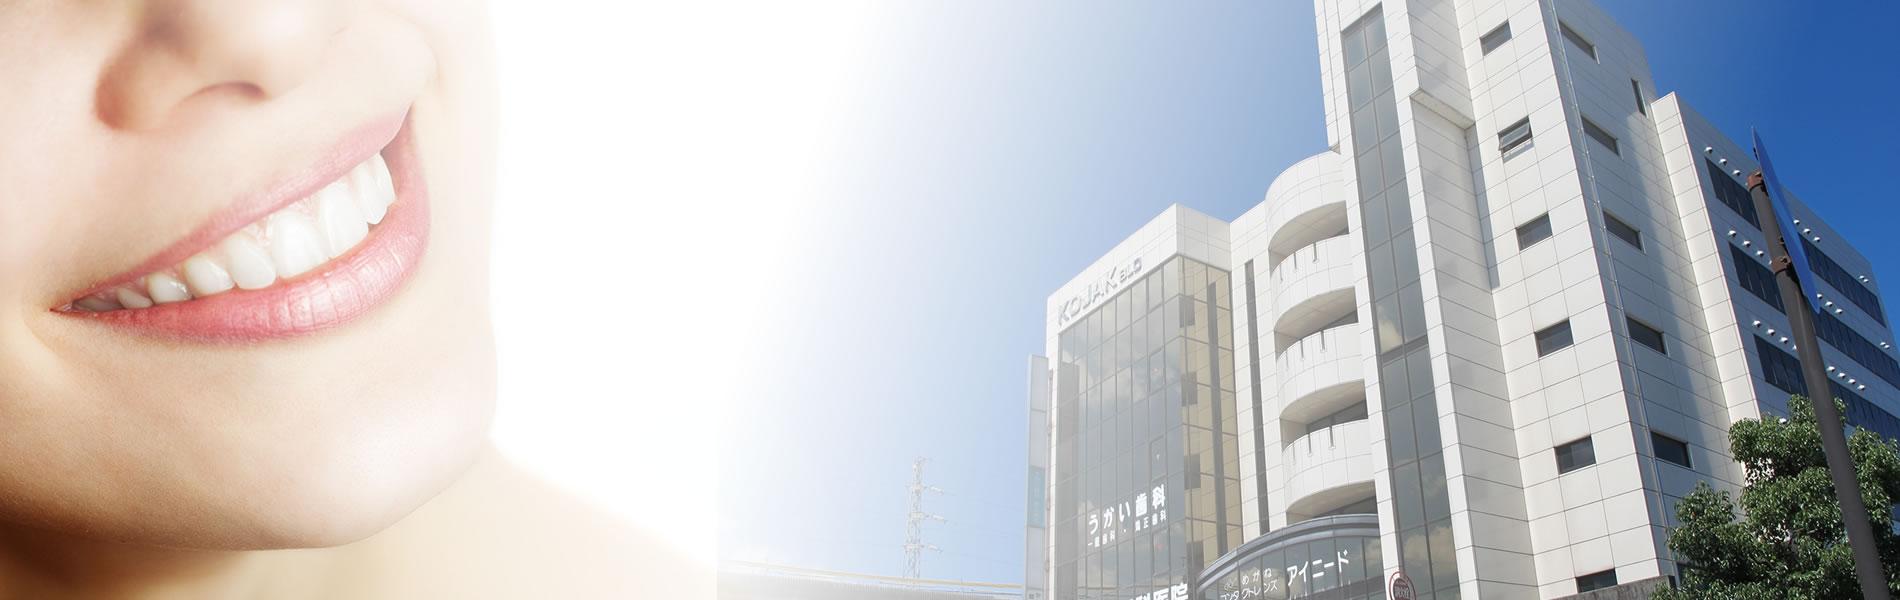 滋賀県大津市堅田駅前の歯科医院「うかい歯科クリニック」